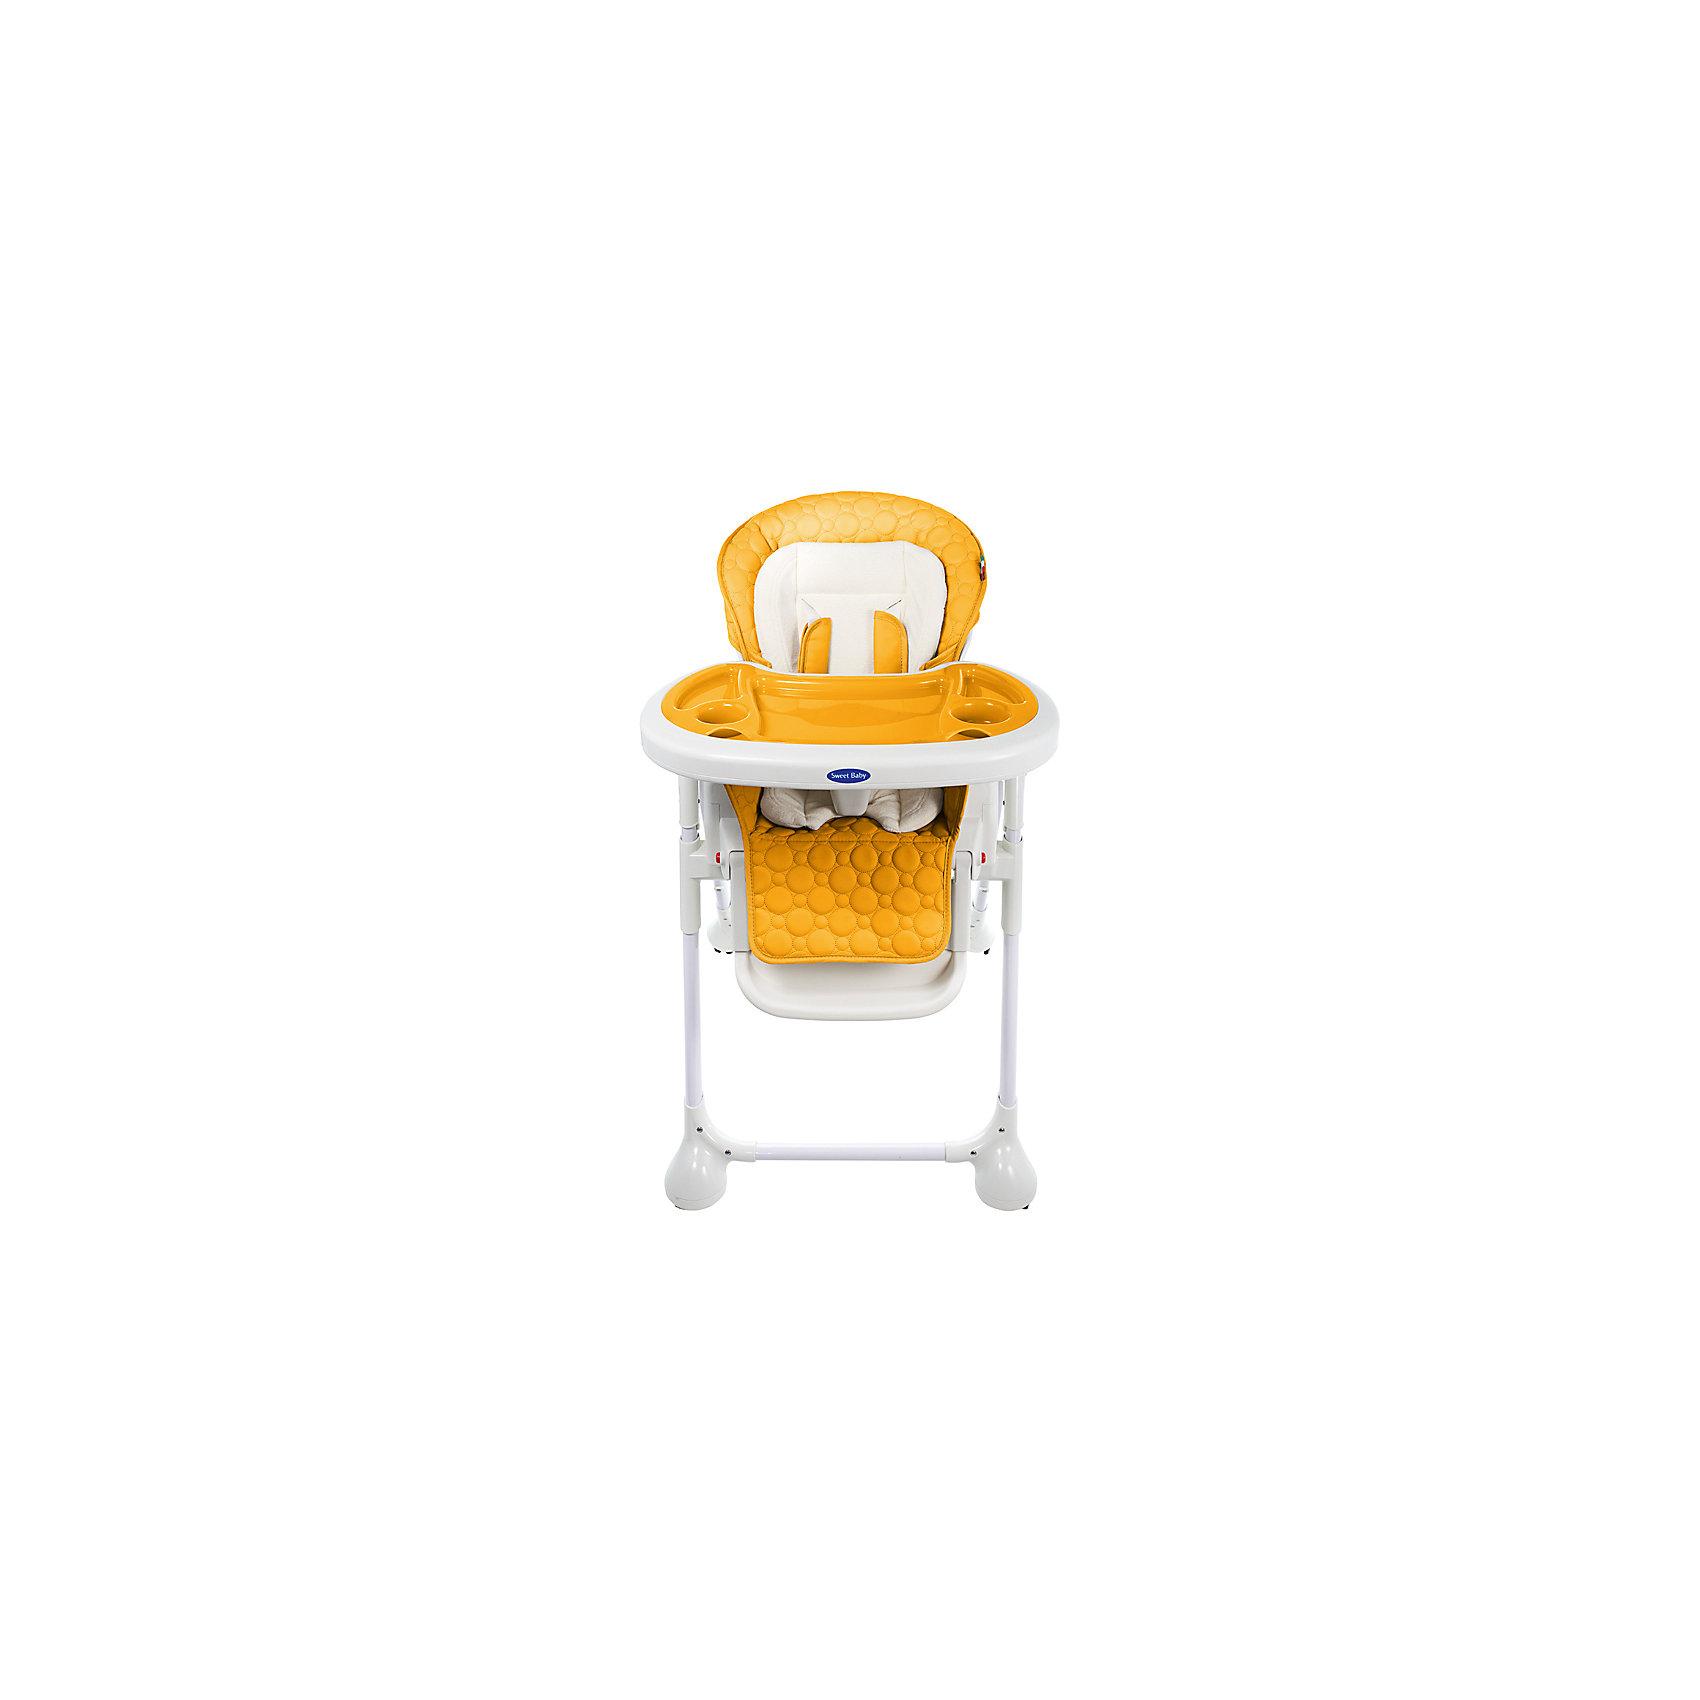 Стульчик для кормления Luxor Classic, Sweet Baby, Arancioneот рождения<br>Характеристика товара:<br><br>• цвет: Arancione (желтый)<br>• используется в качестве стульчика для кормления или шезлонга для сна<br>• наклон спинки регулируется, устанавливается в горизонтальное положение<br>• регулируемая по высоте спинка (5 уровней)<br>• угол наклона спинки регулируется (3 положения)<br>• регулируемая длина подножки (3 уровня)<br>• чехол из экокожи<br>• вкладыш из мягкой гипоаллергенной ткани, который легко снимается<br>• сетчато-текстильная корзина для аксессуаров<br>• 5-точечные ремни безопасности с надежным замком и мягкими накладками<br>• 3 позиции глубины и высоты подноса<br>• съемная верхняя накладка на поднос и 2 углубления для посуды<br>• 4 колеса со стоперами<br>• компактные размеры и устойчивость в сложенном виде<br>• возраст: от 0 месяцев<br>• материал рамы: металл, пластик<br>• страна производства: Китай<br>• вес: 15 кг<br>• размер упаковки: 91х30х65 см<br><br>Стульчик для кормления Sweet Baby Luxor Classic с уникальной функцией –<br>ручным механизмом качания!<br><br>Инженеры добились невероятного симбиоза: компактный стульчик для кормления теперь может быть и кроваткой – Вы сможете заняться любым делом, параллельно убаюкивая своего малыша.<br><br>Стульчик легко перемещается, а это значит, что Вы сможете убаюкать крошку там, где Вам удобно.<br><br>Стульчик для кормления Luxor Classic, Sweet Baby, Arancione можно купить в нашем интернет-магазине.<br><br>Ширина мм: 640<br>Глубина мм: 910<br>Высота мм: 300<br>Вес г: 17400<br>Возраст от месяцев: 0<br>Возраст до месяцев: 36<br>Пол: Унисекс<br>Возраст: Детский<br>SKU: 5583543